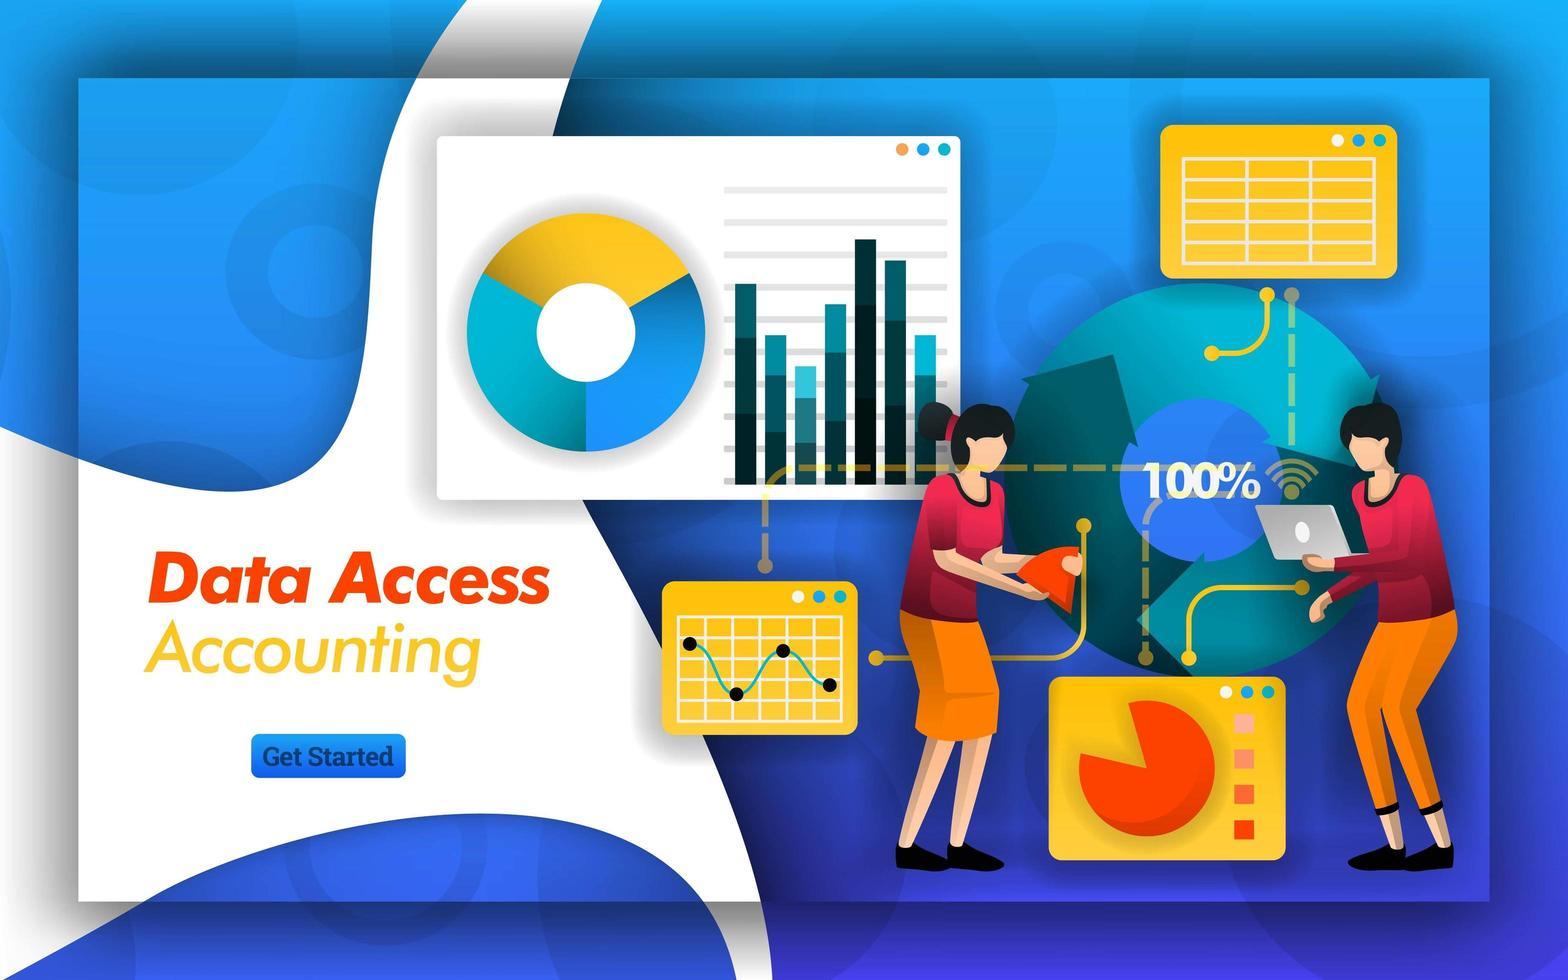 a parceria de contabilidade torna mais fácil analisar a contabilidade de acesso a dados para selecionar impostos, serviços e relatórios em contabilidade financeira ou padrões de empresas para facilitar o acesso aos dados. estilo de vetor plano